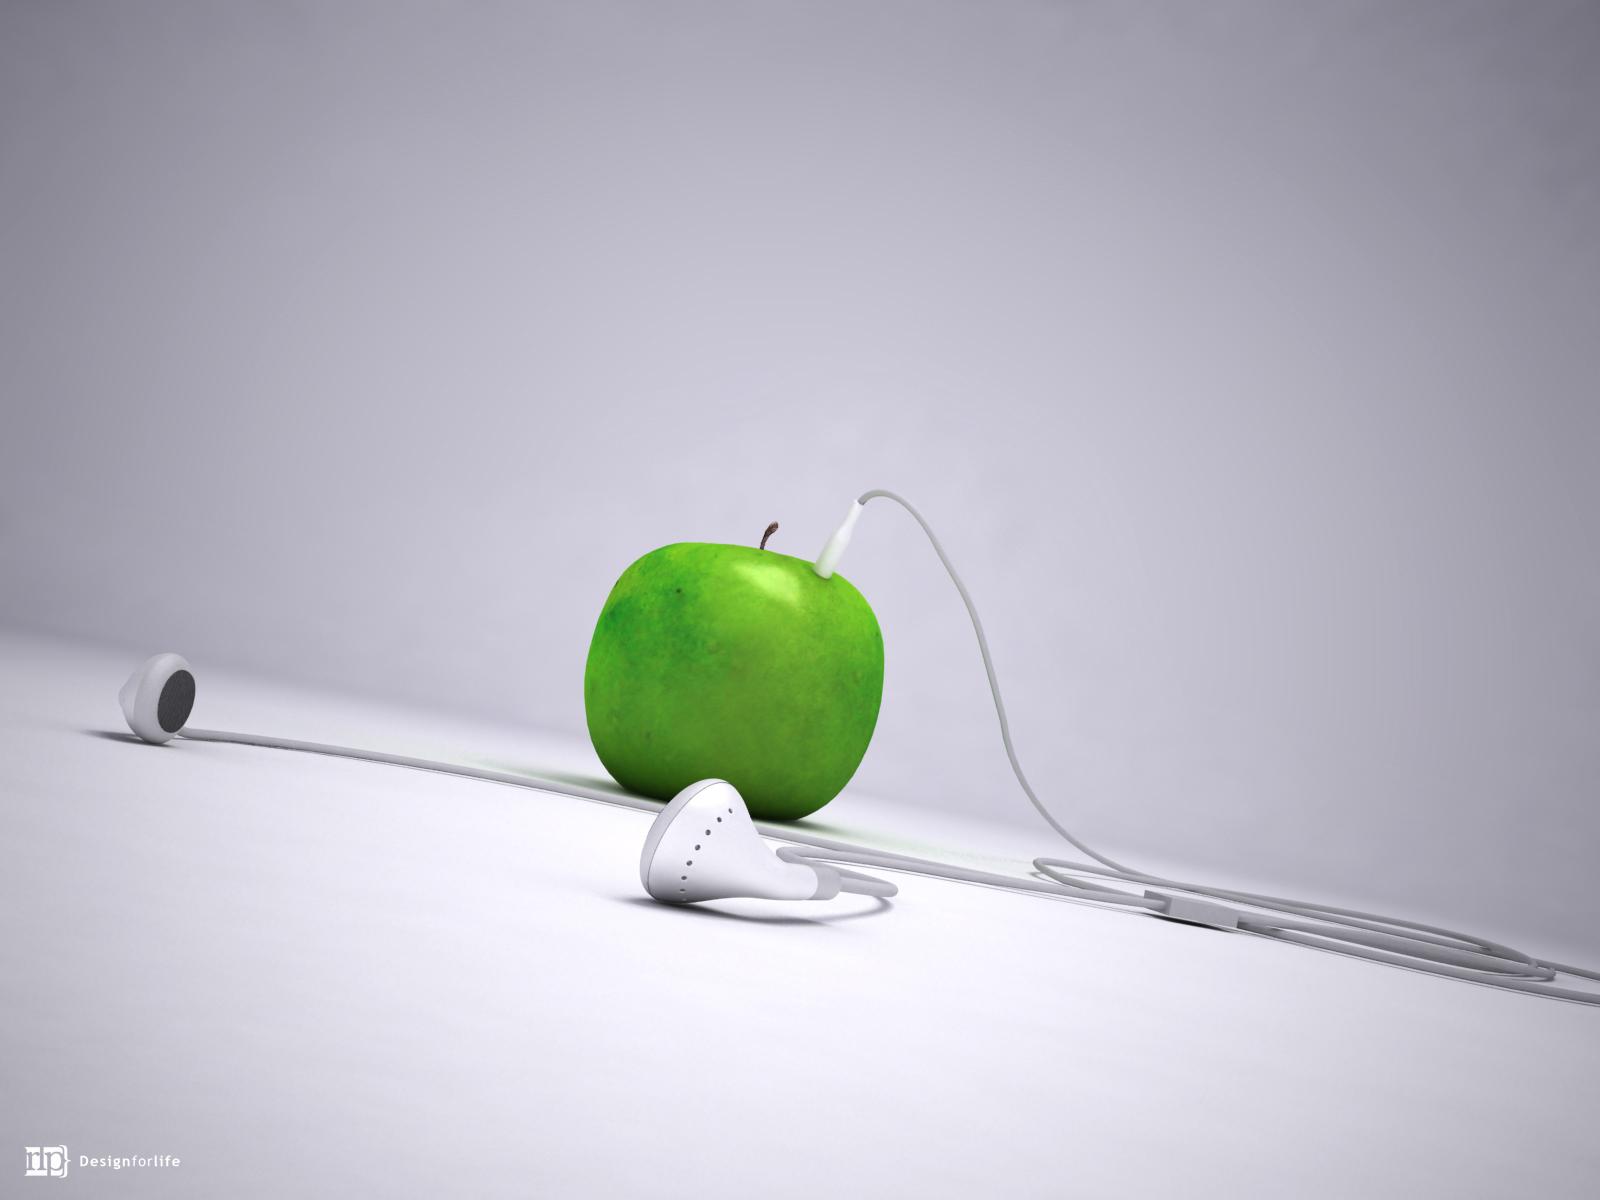 Apple iPod by fluid-art